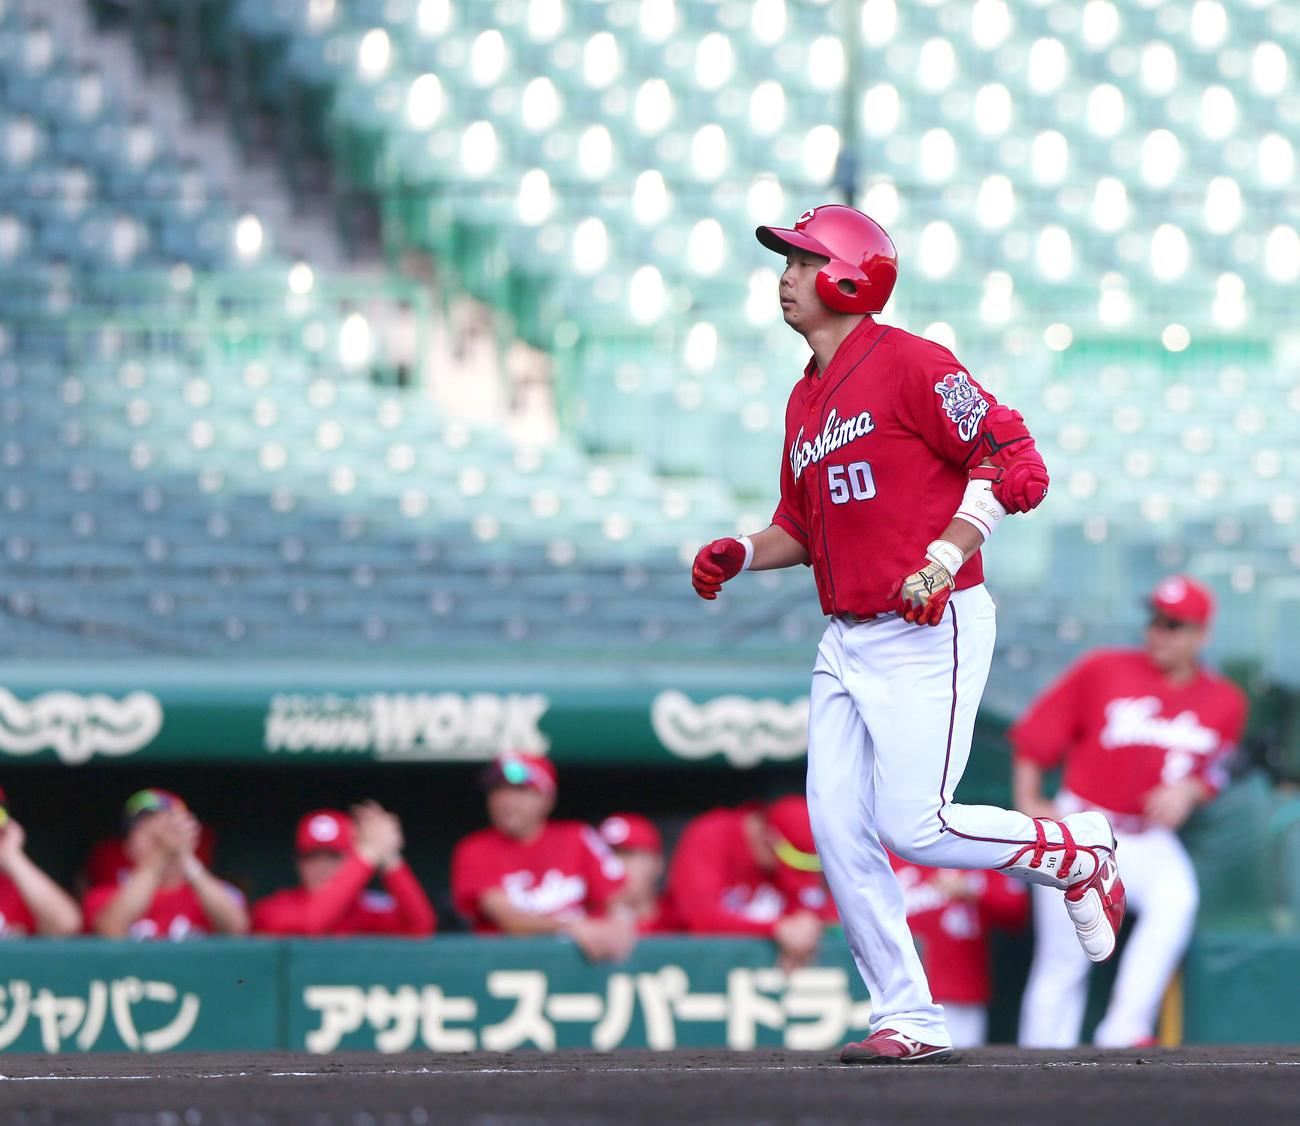 練習試合・阪神対広島 8回表広島無死、高橋大は左越え本塁打を放ちベースランする(撮影・上山淳一)